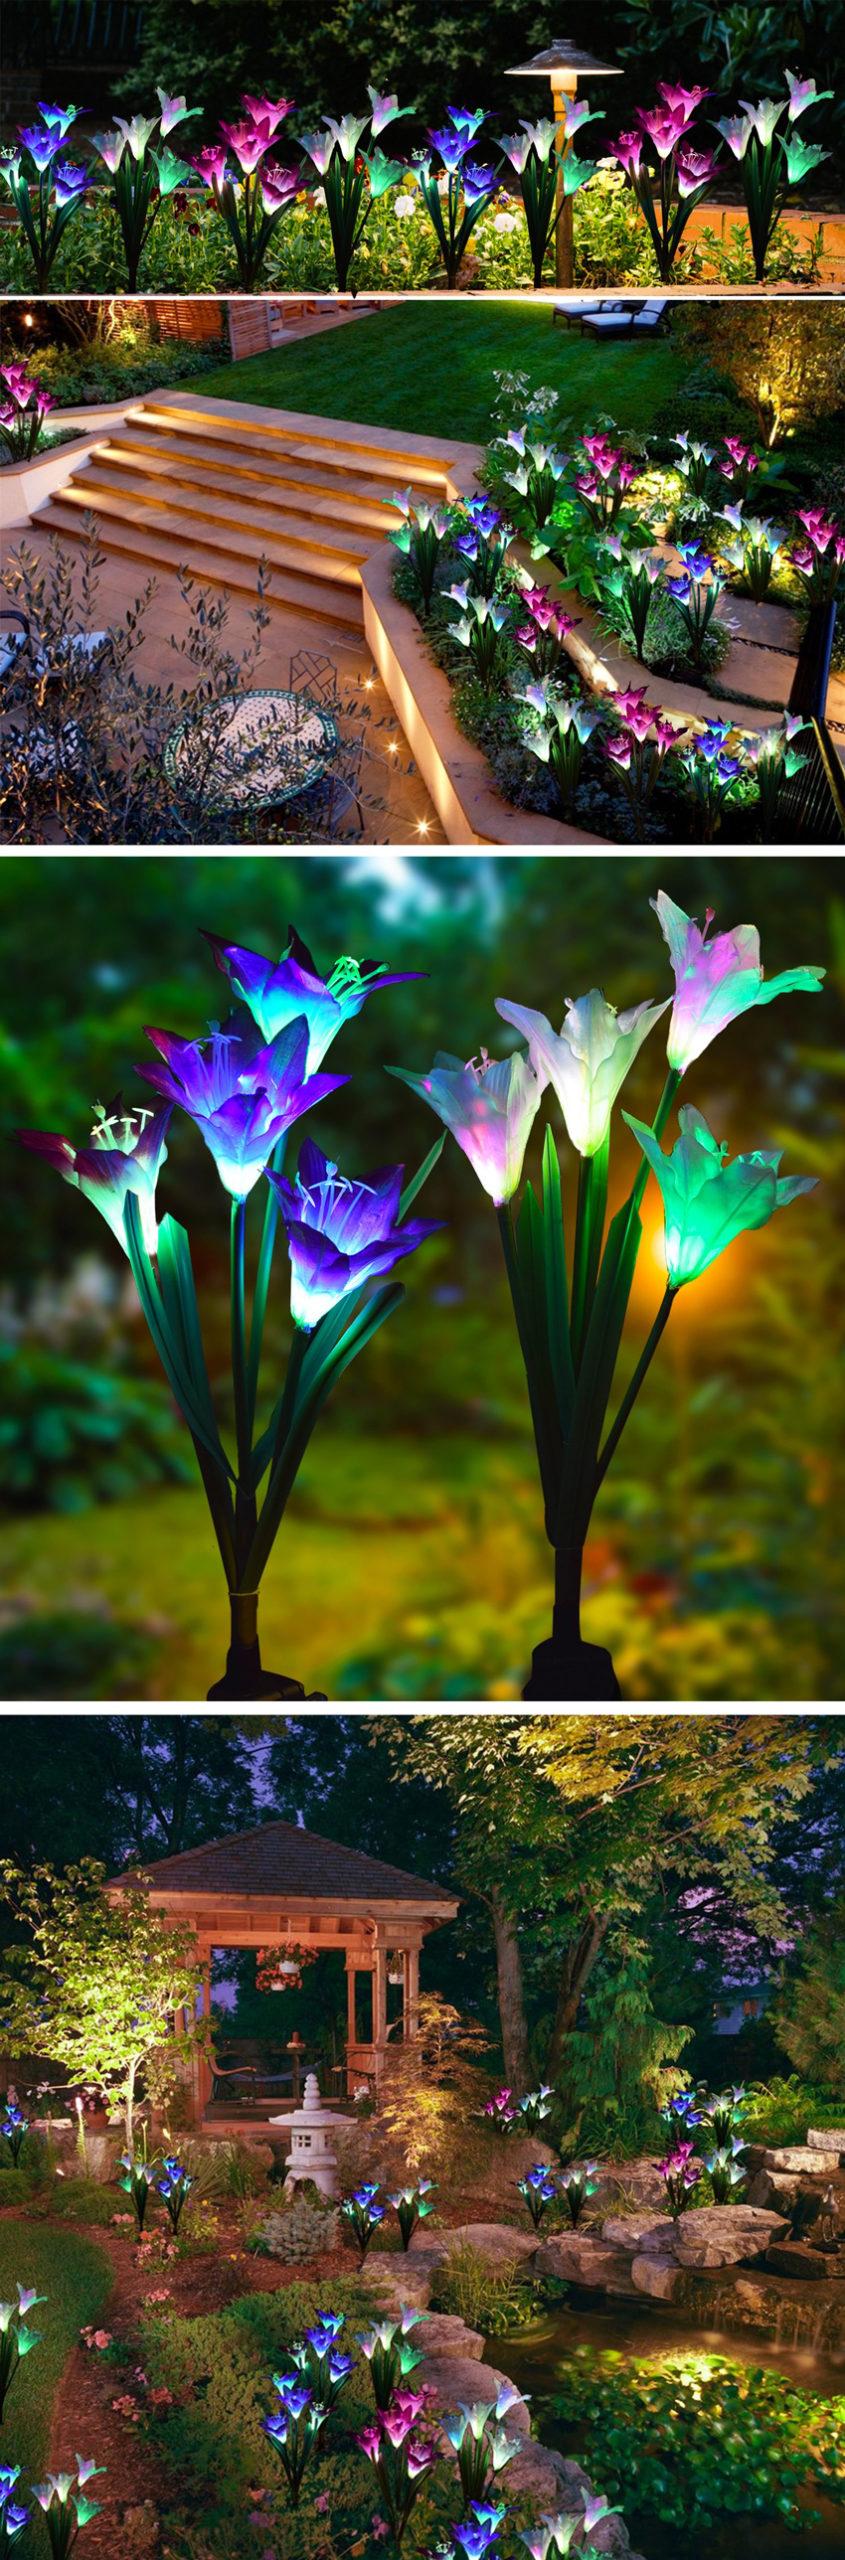 luci solari esterne colorate a forma di fiori.